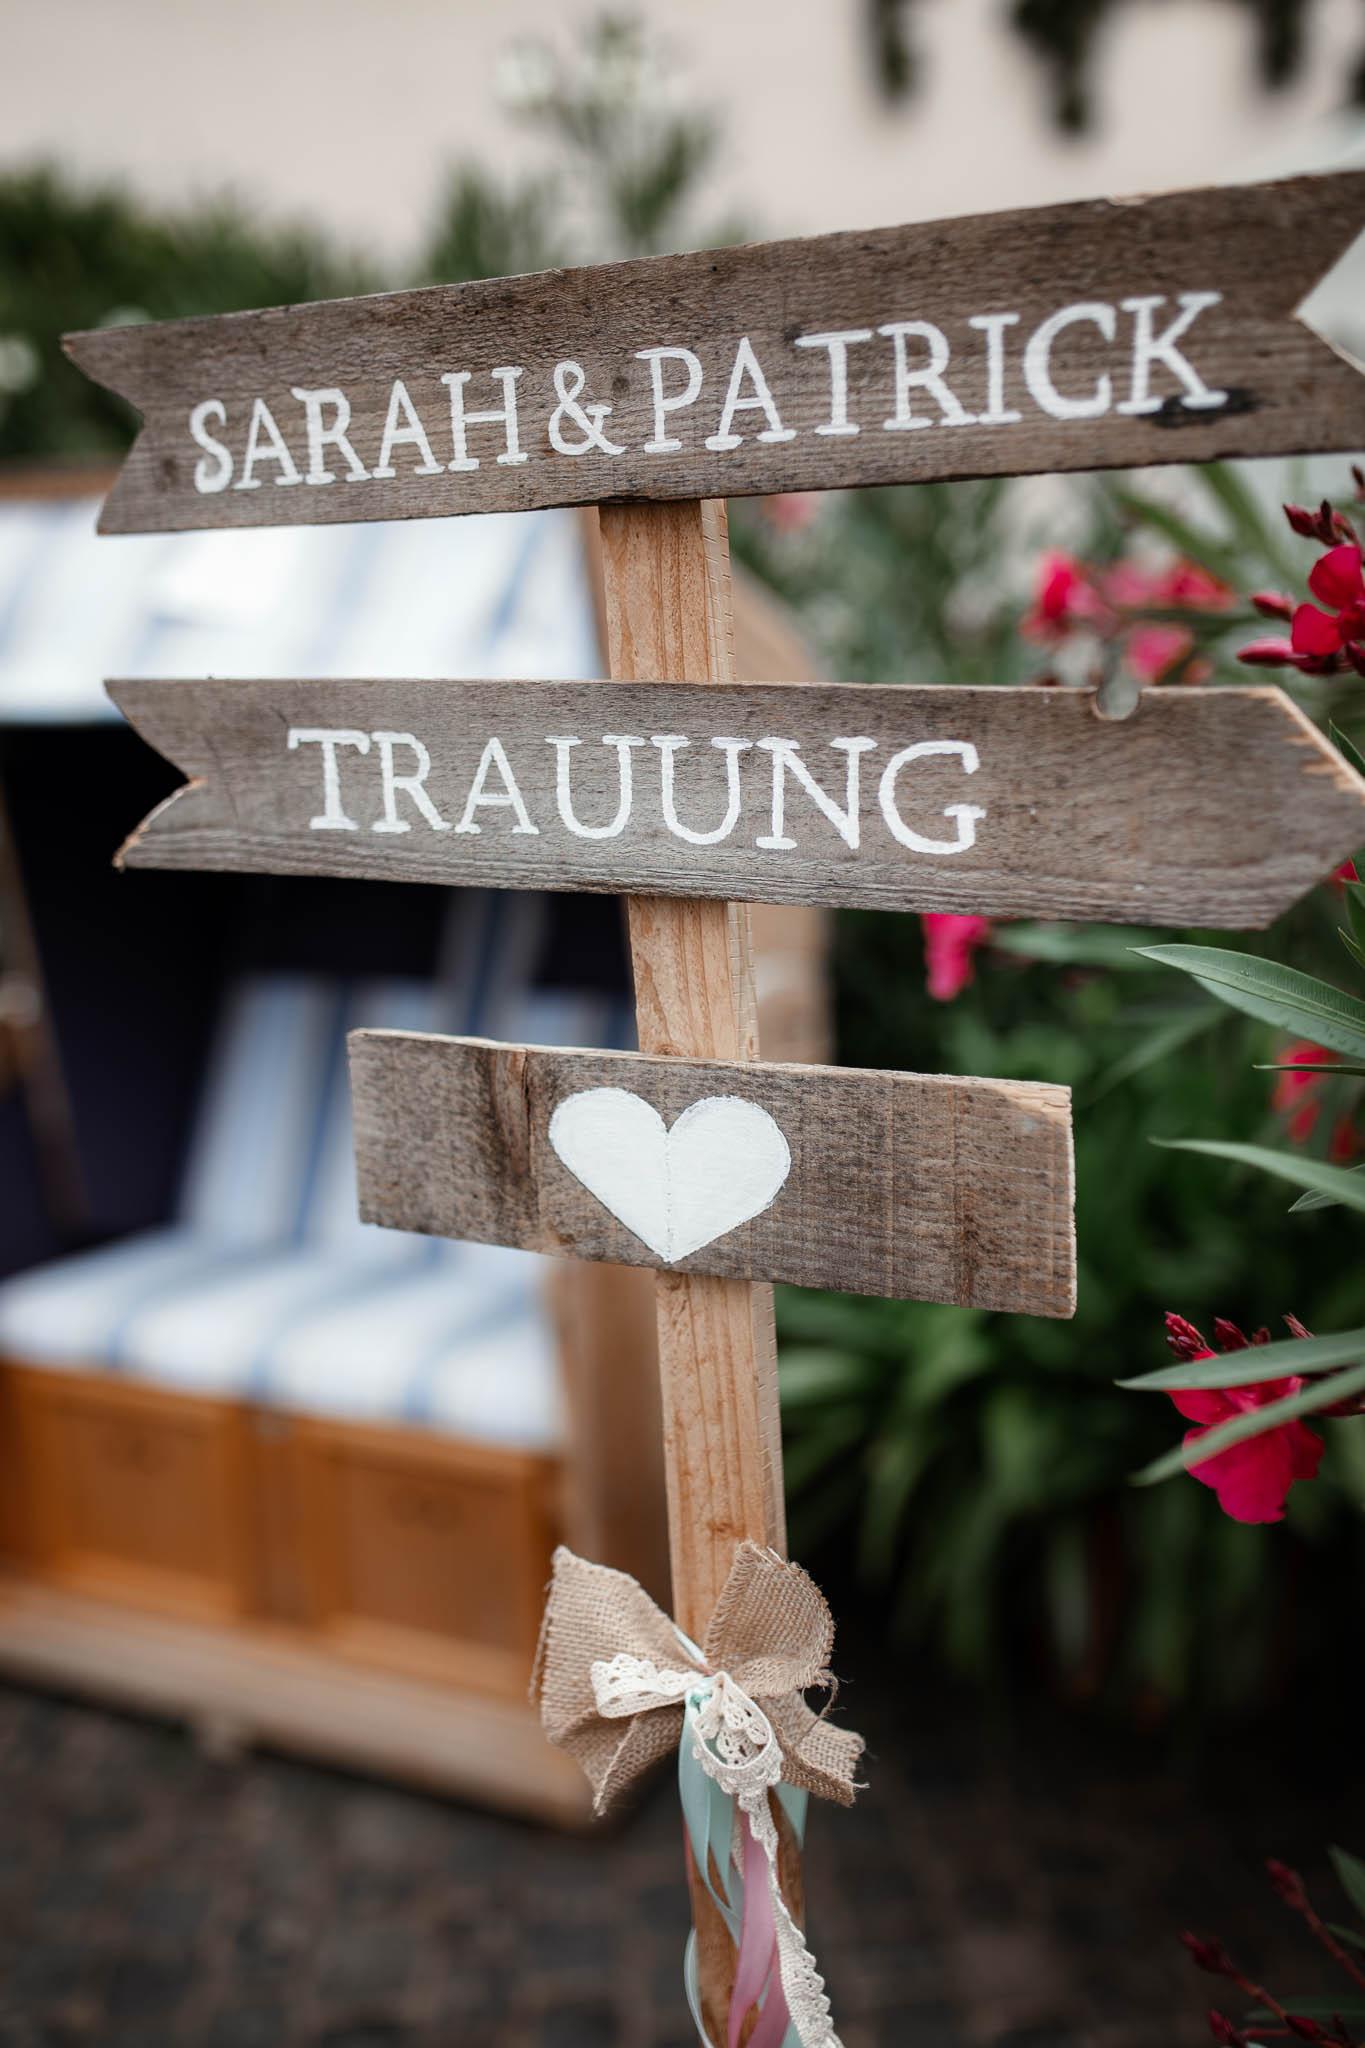 Hochzeitsfotograf Monzernheim: freie Trauung von Sarah & Patrick 19